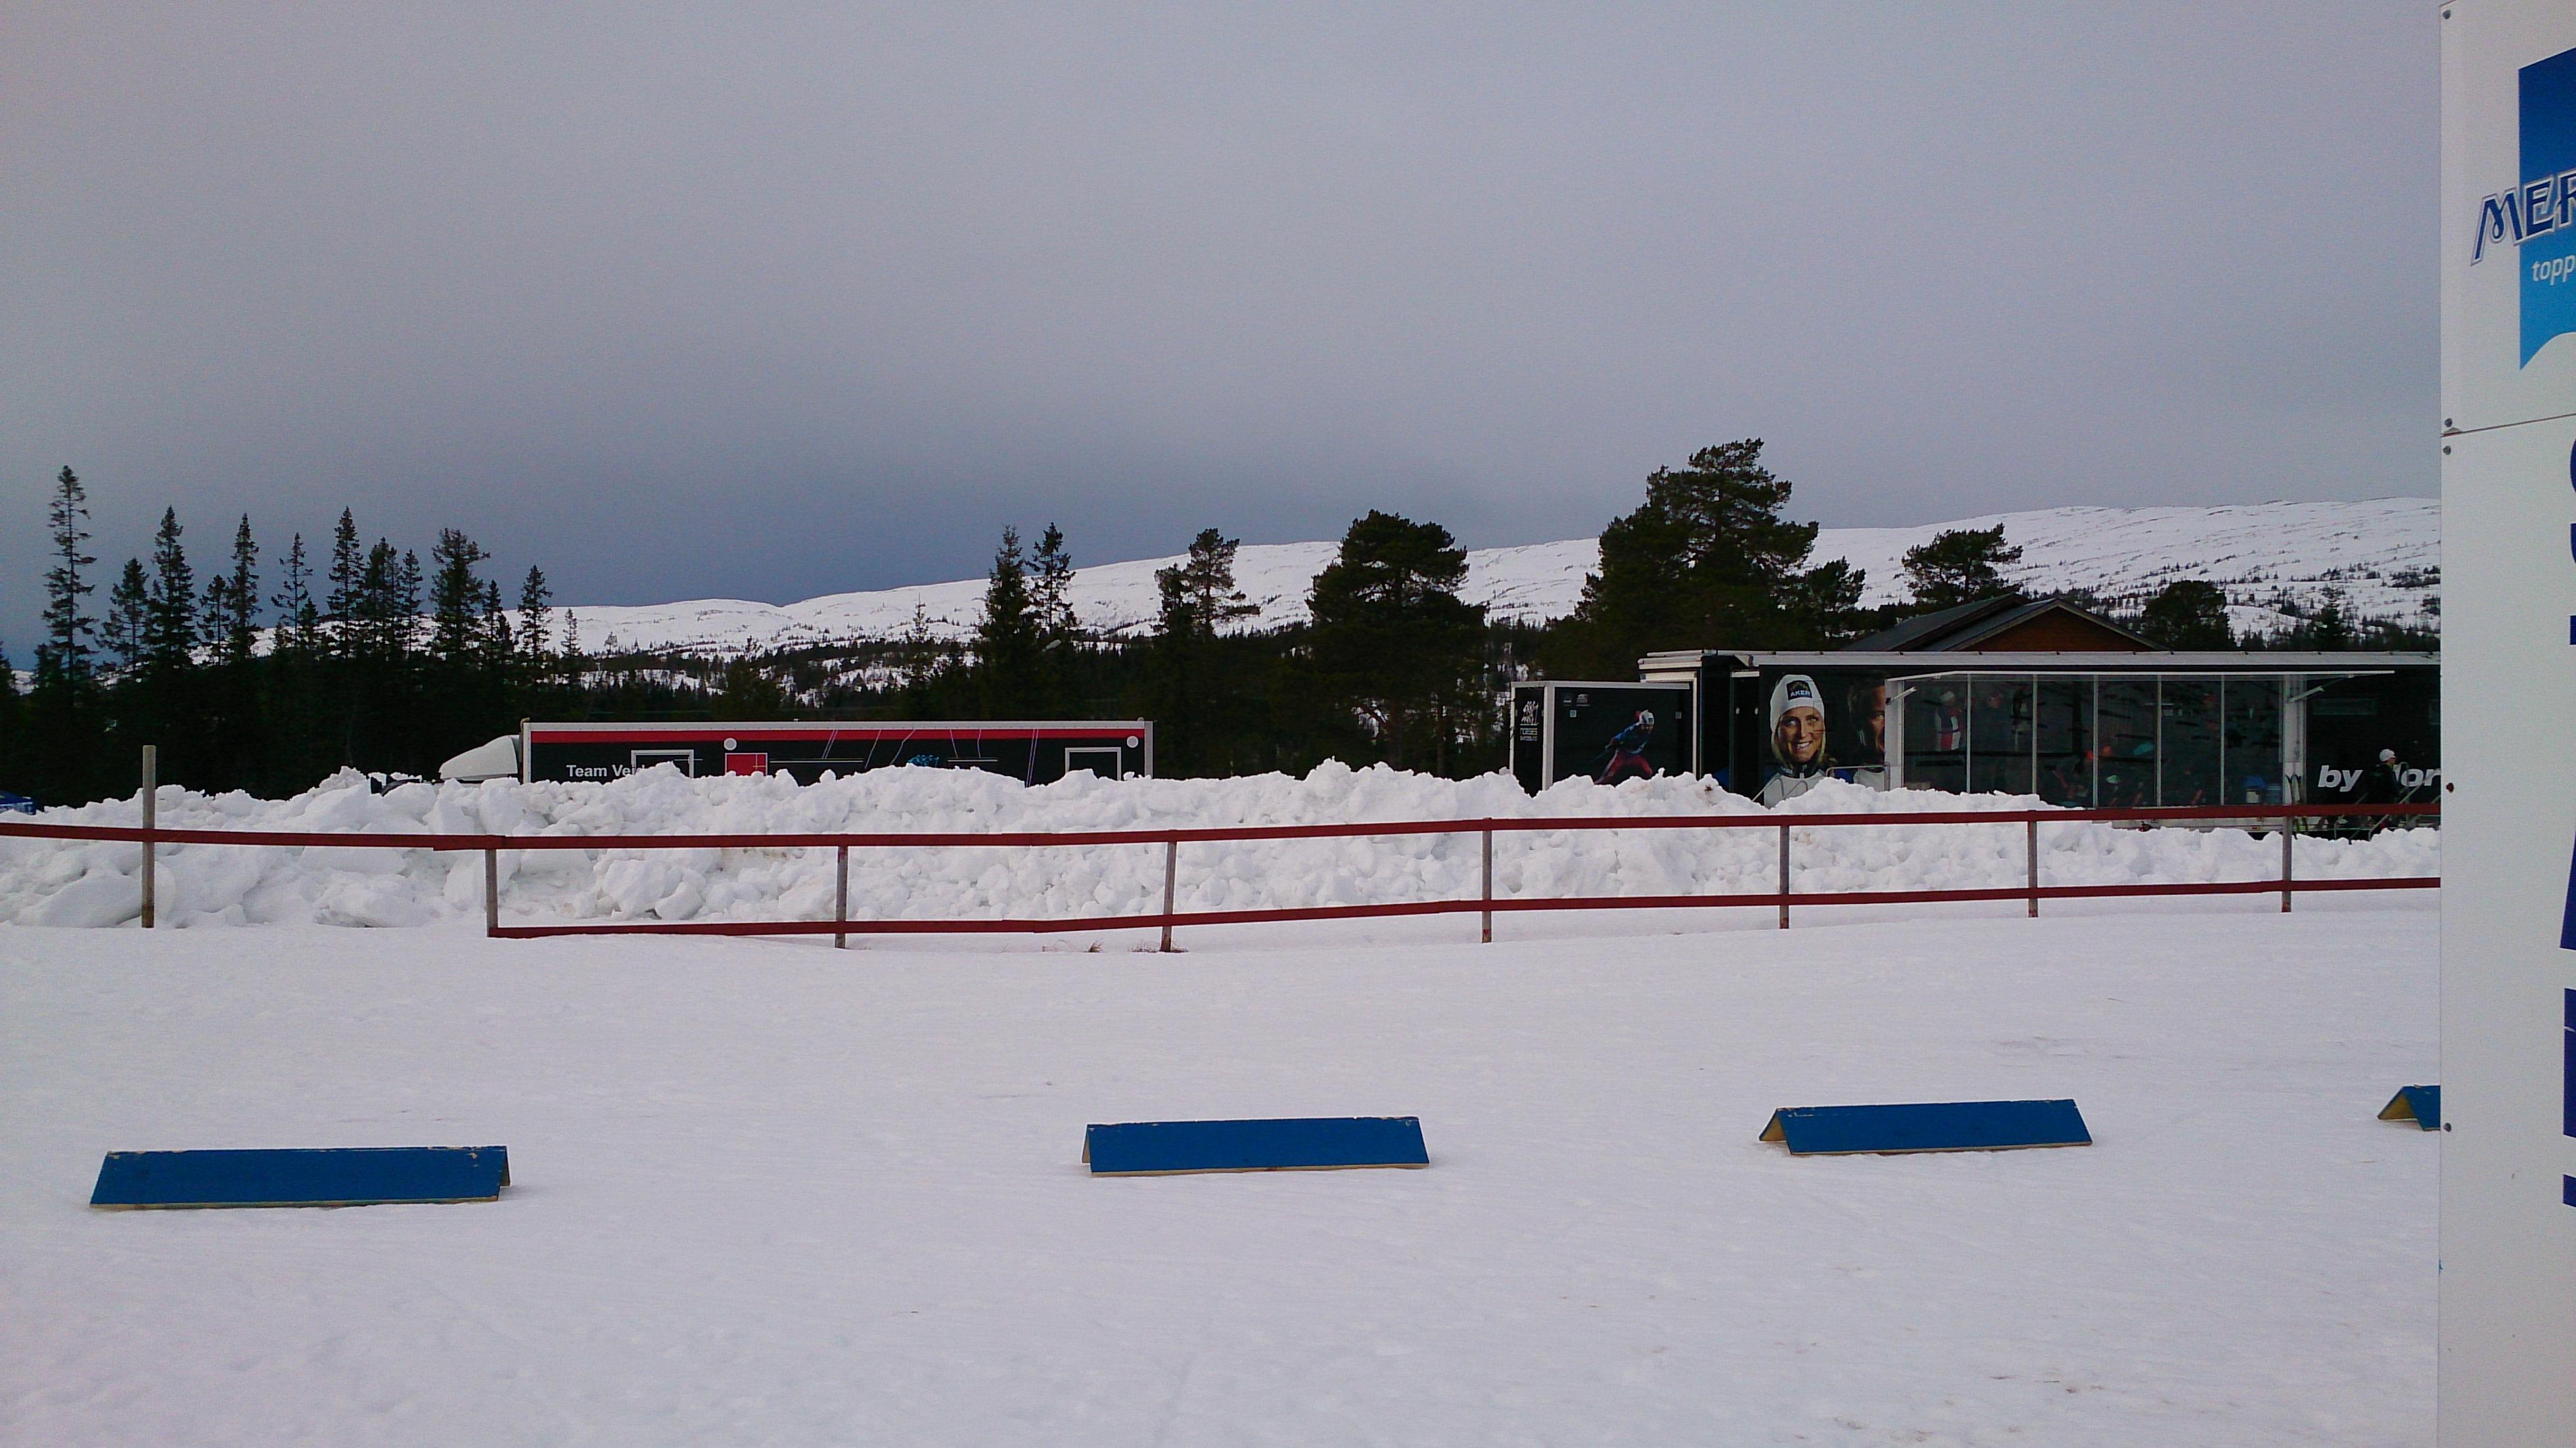 """Upploppet från sidan, med den """"lilla"""" Norska vallatrailern i bakgrunden"""